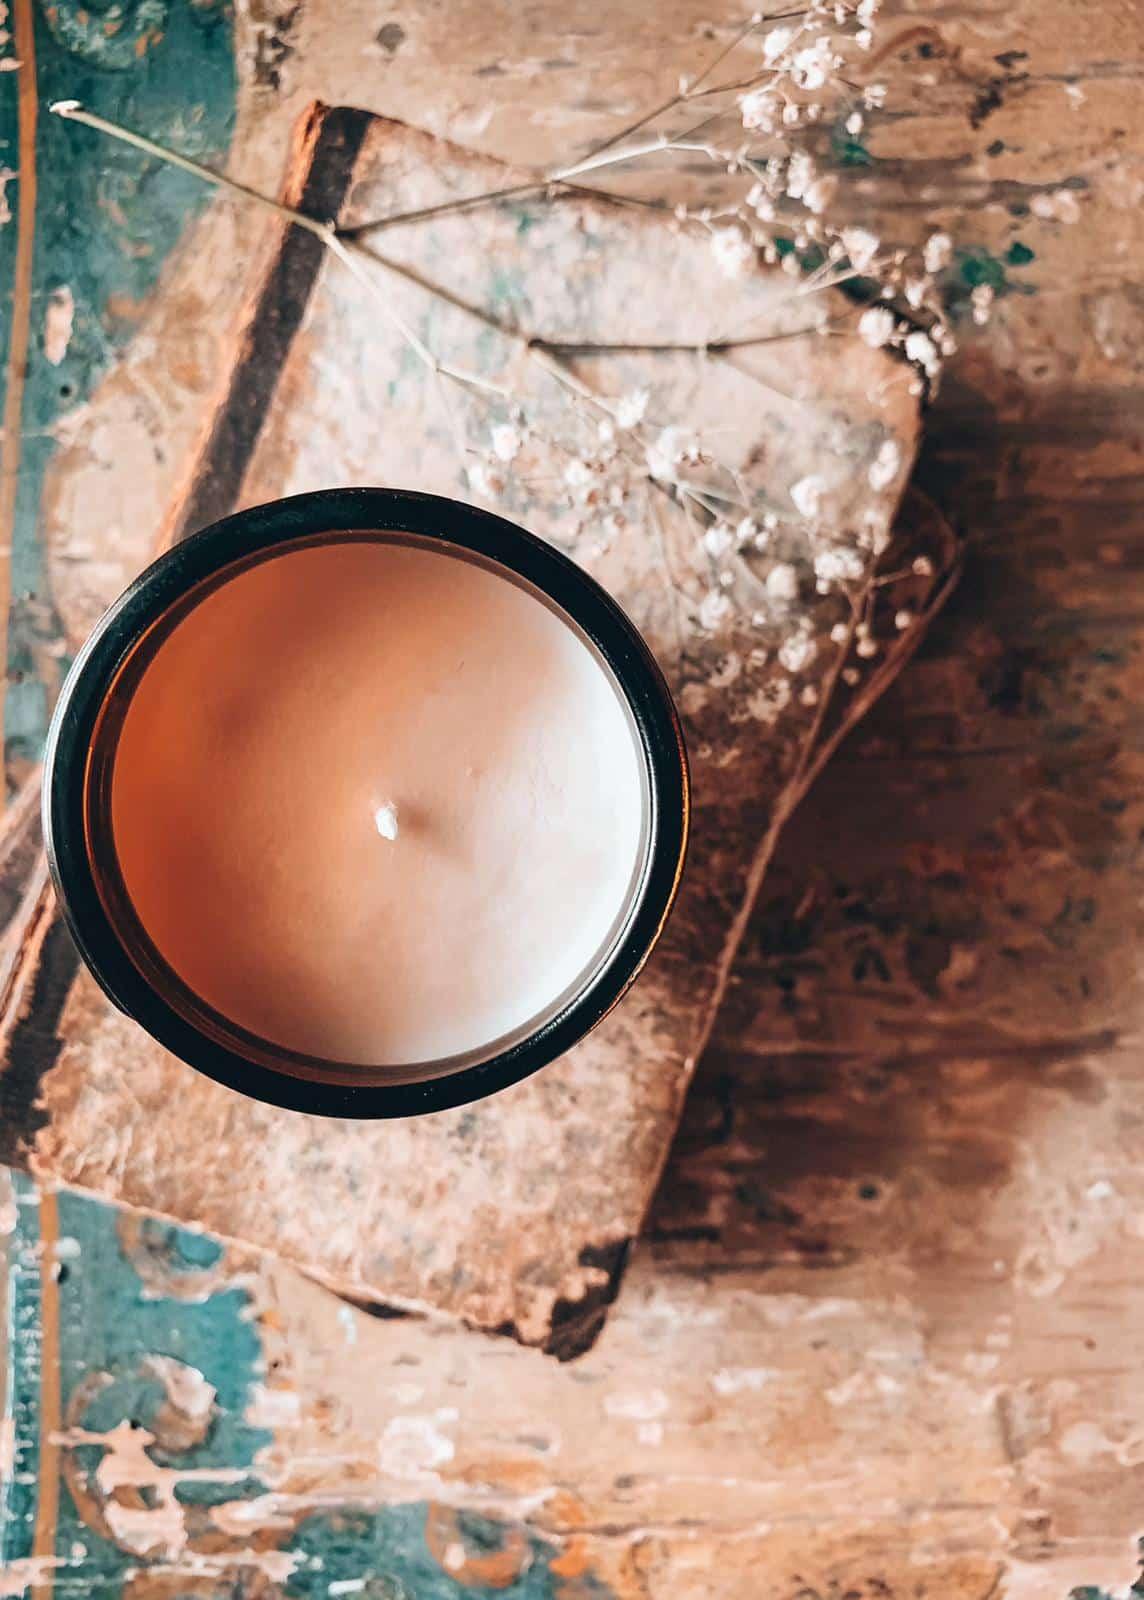 Vaniglia bourbon candela naturale per la casa profumata di soia handmade Quello Sbagliato